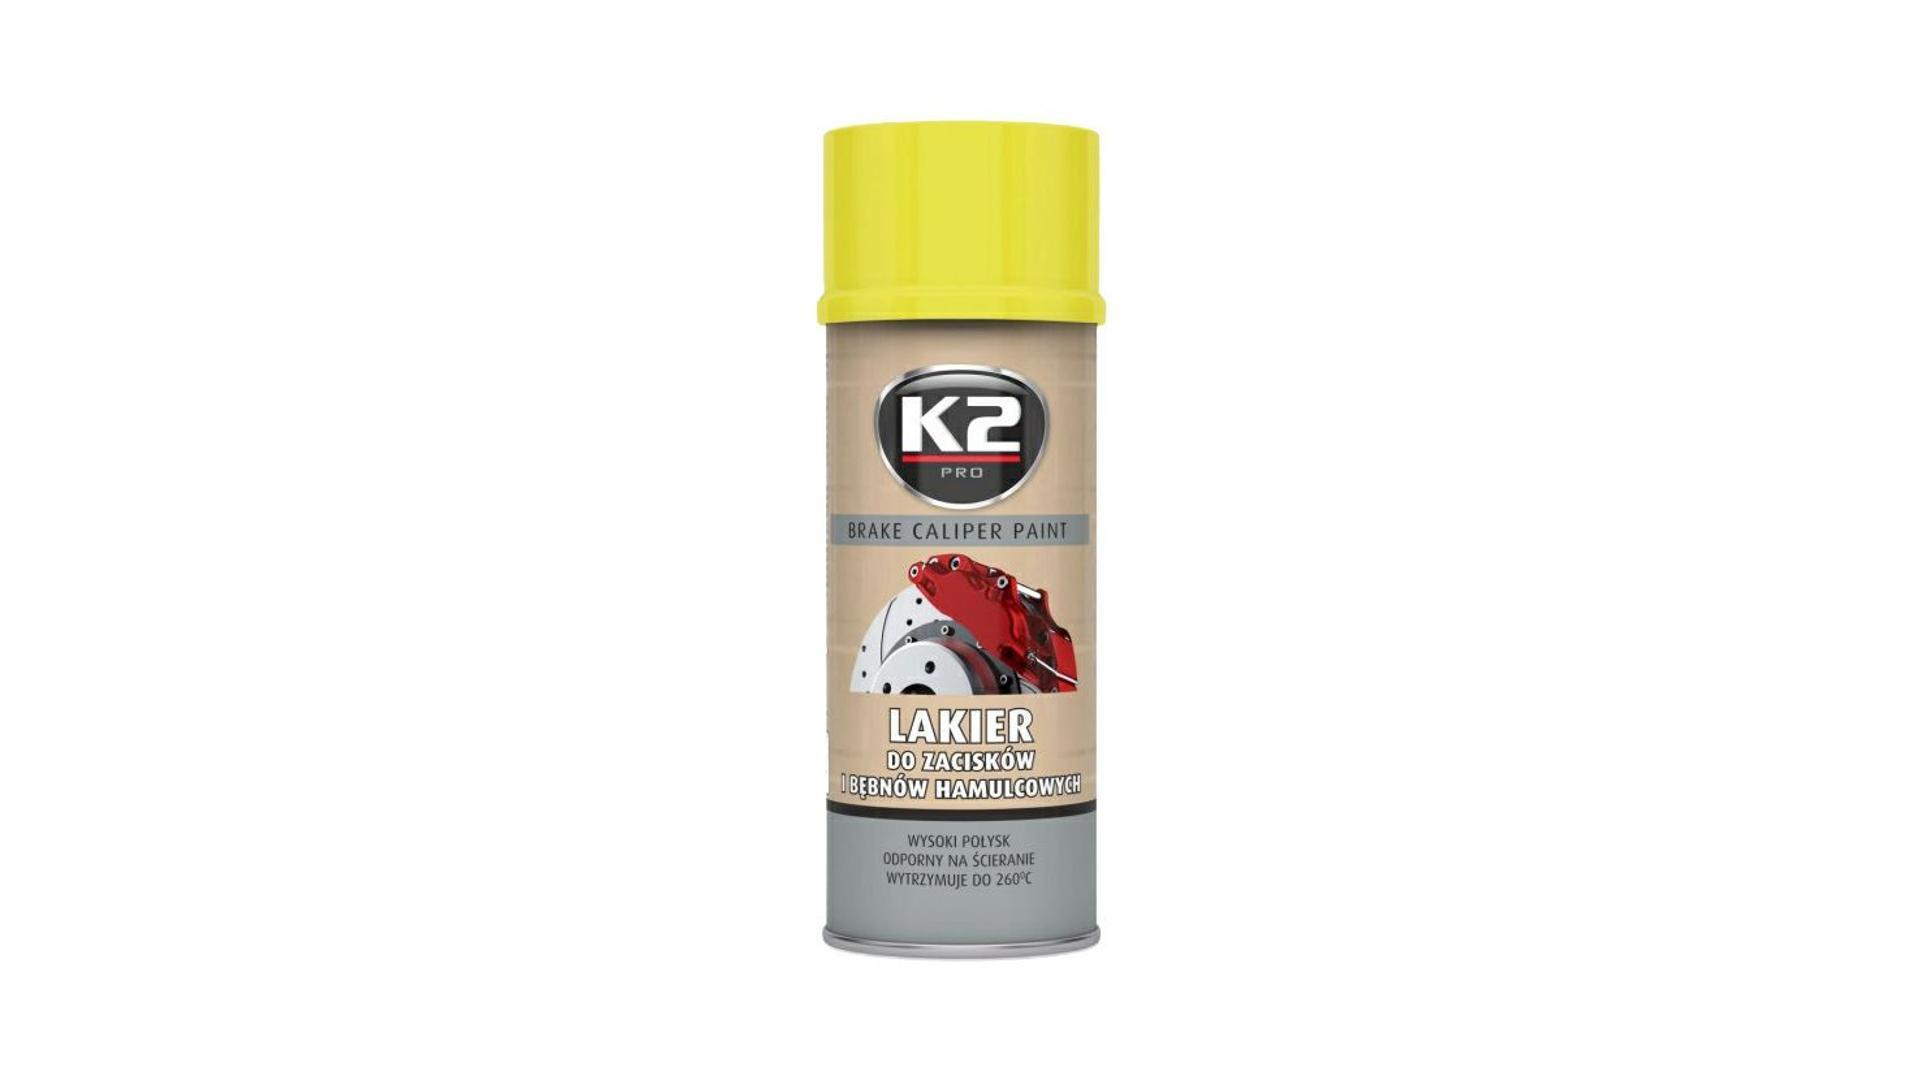 K2 BRAKE CALIPER PAINT 400ml ŽLUTÁ - barva na brzdové třmeny a bubny